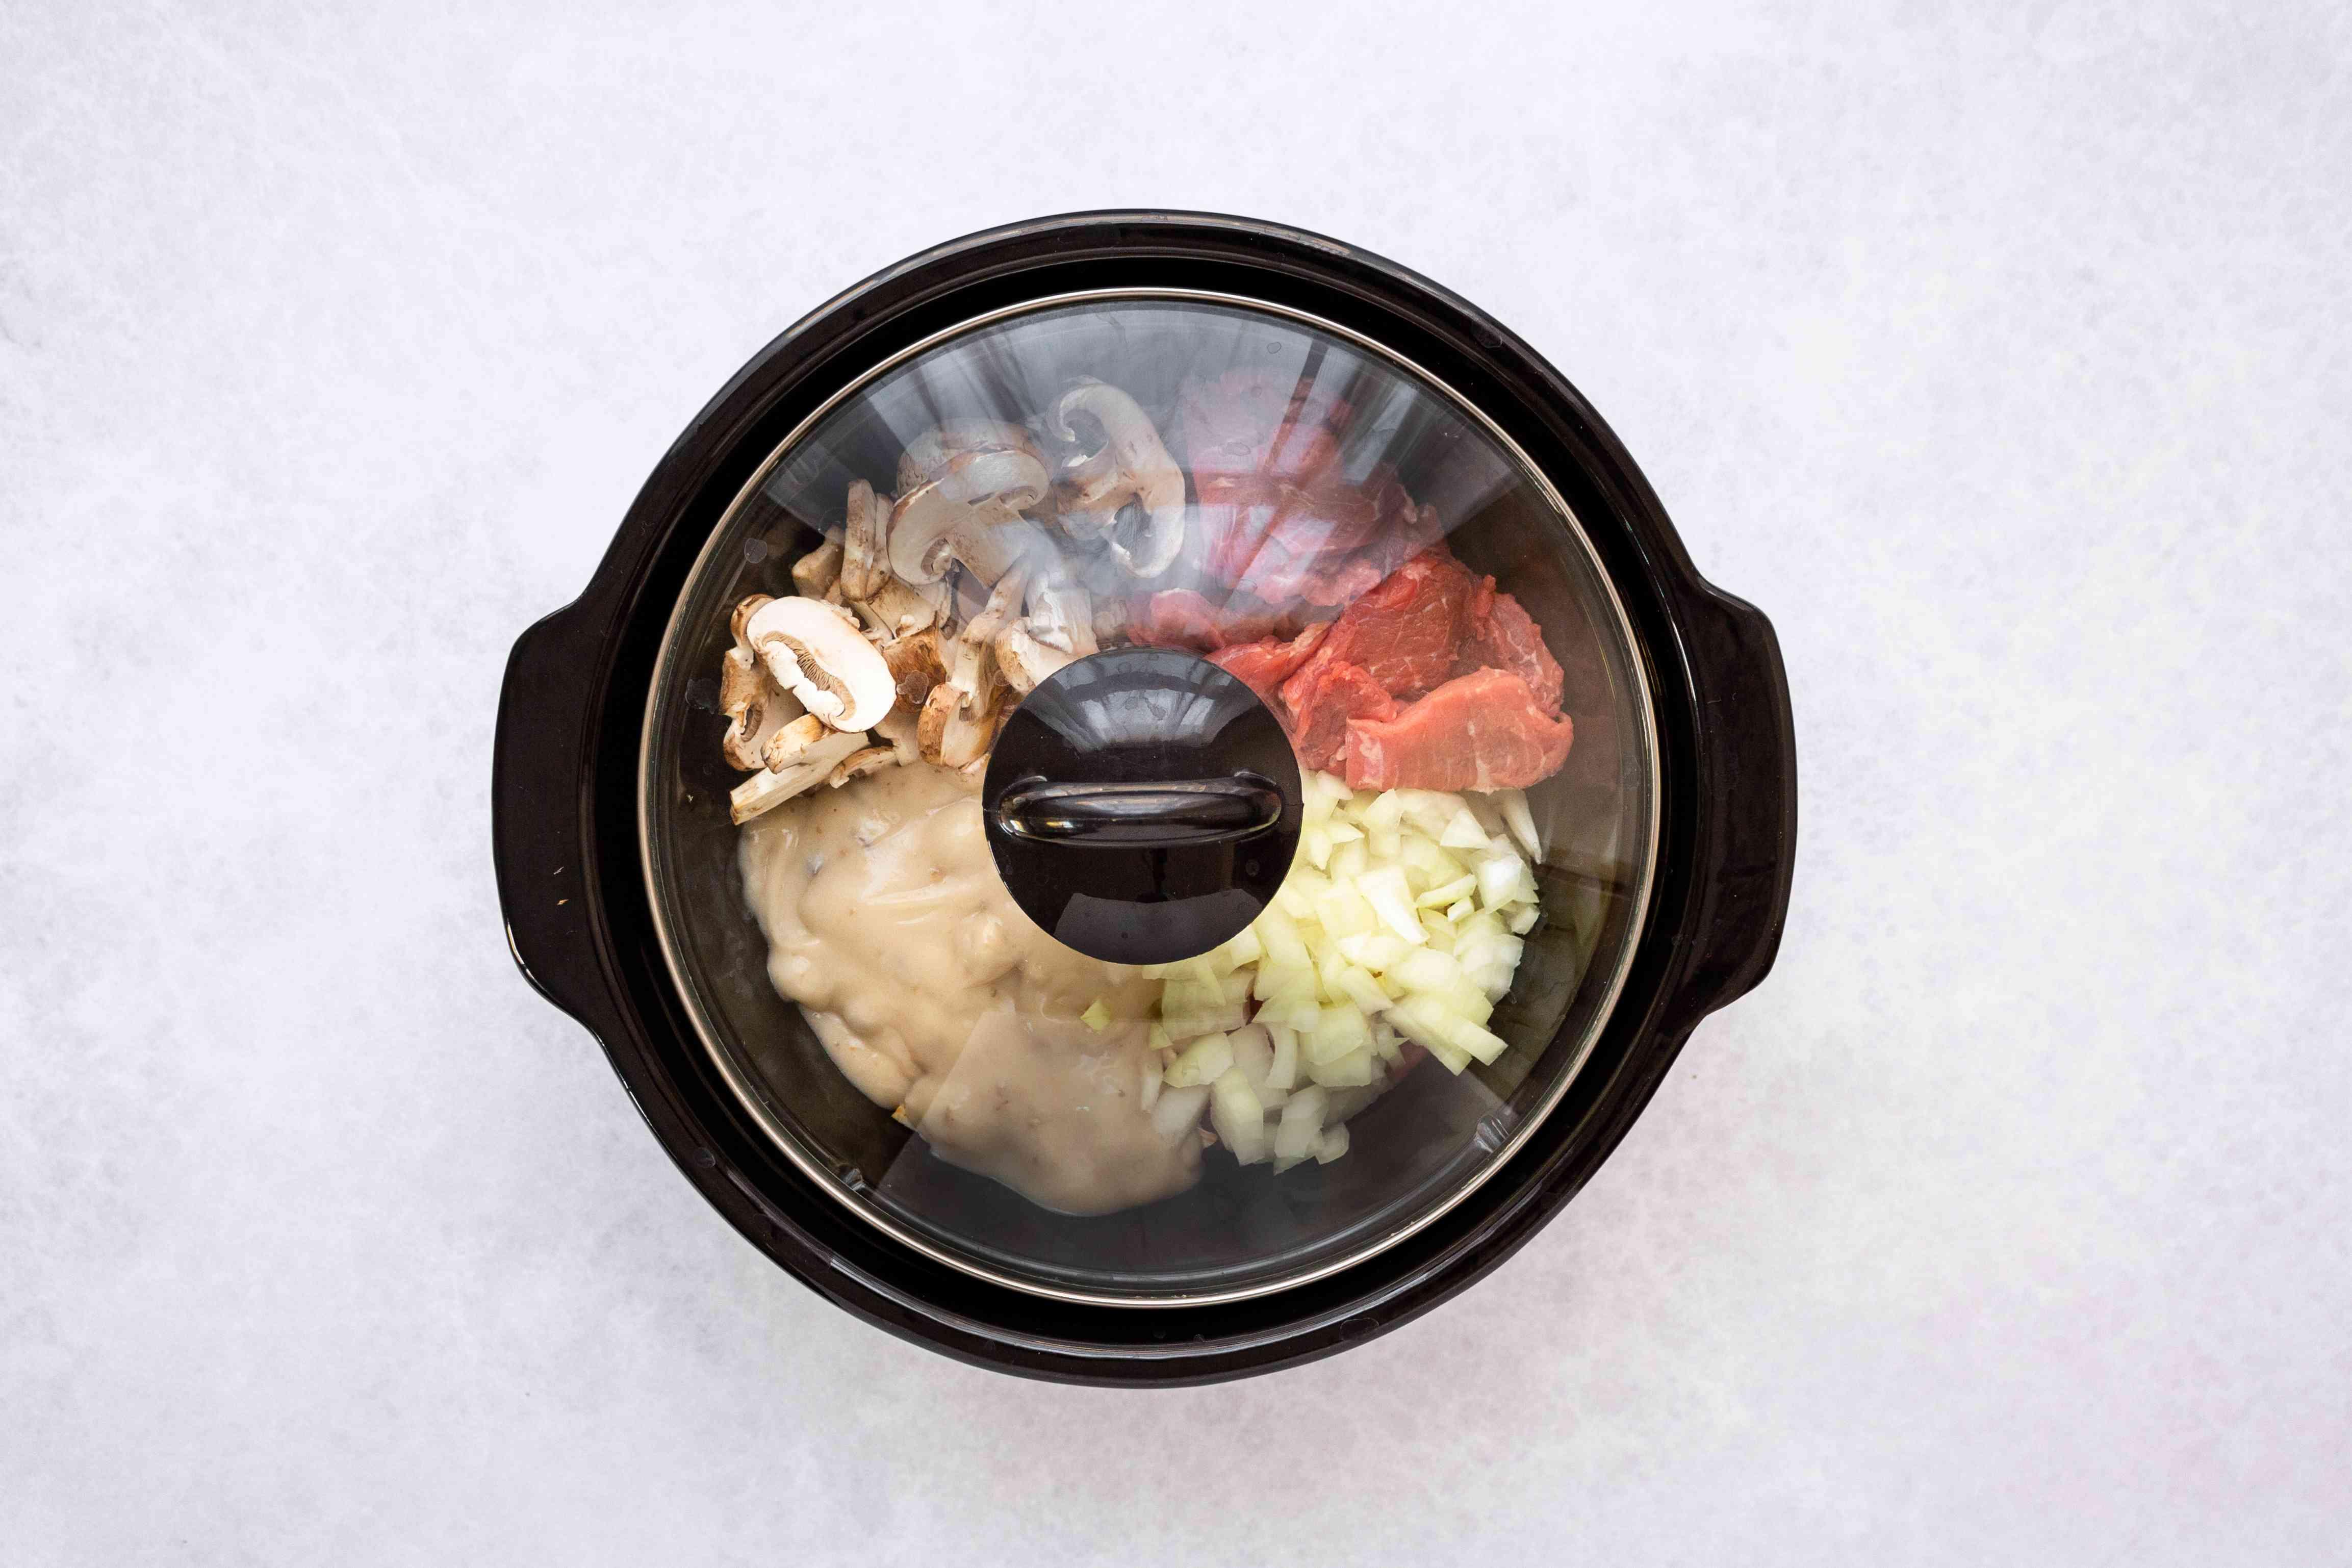 Beef Stroganoff cooking in a Crock Pot